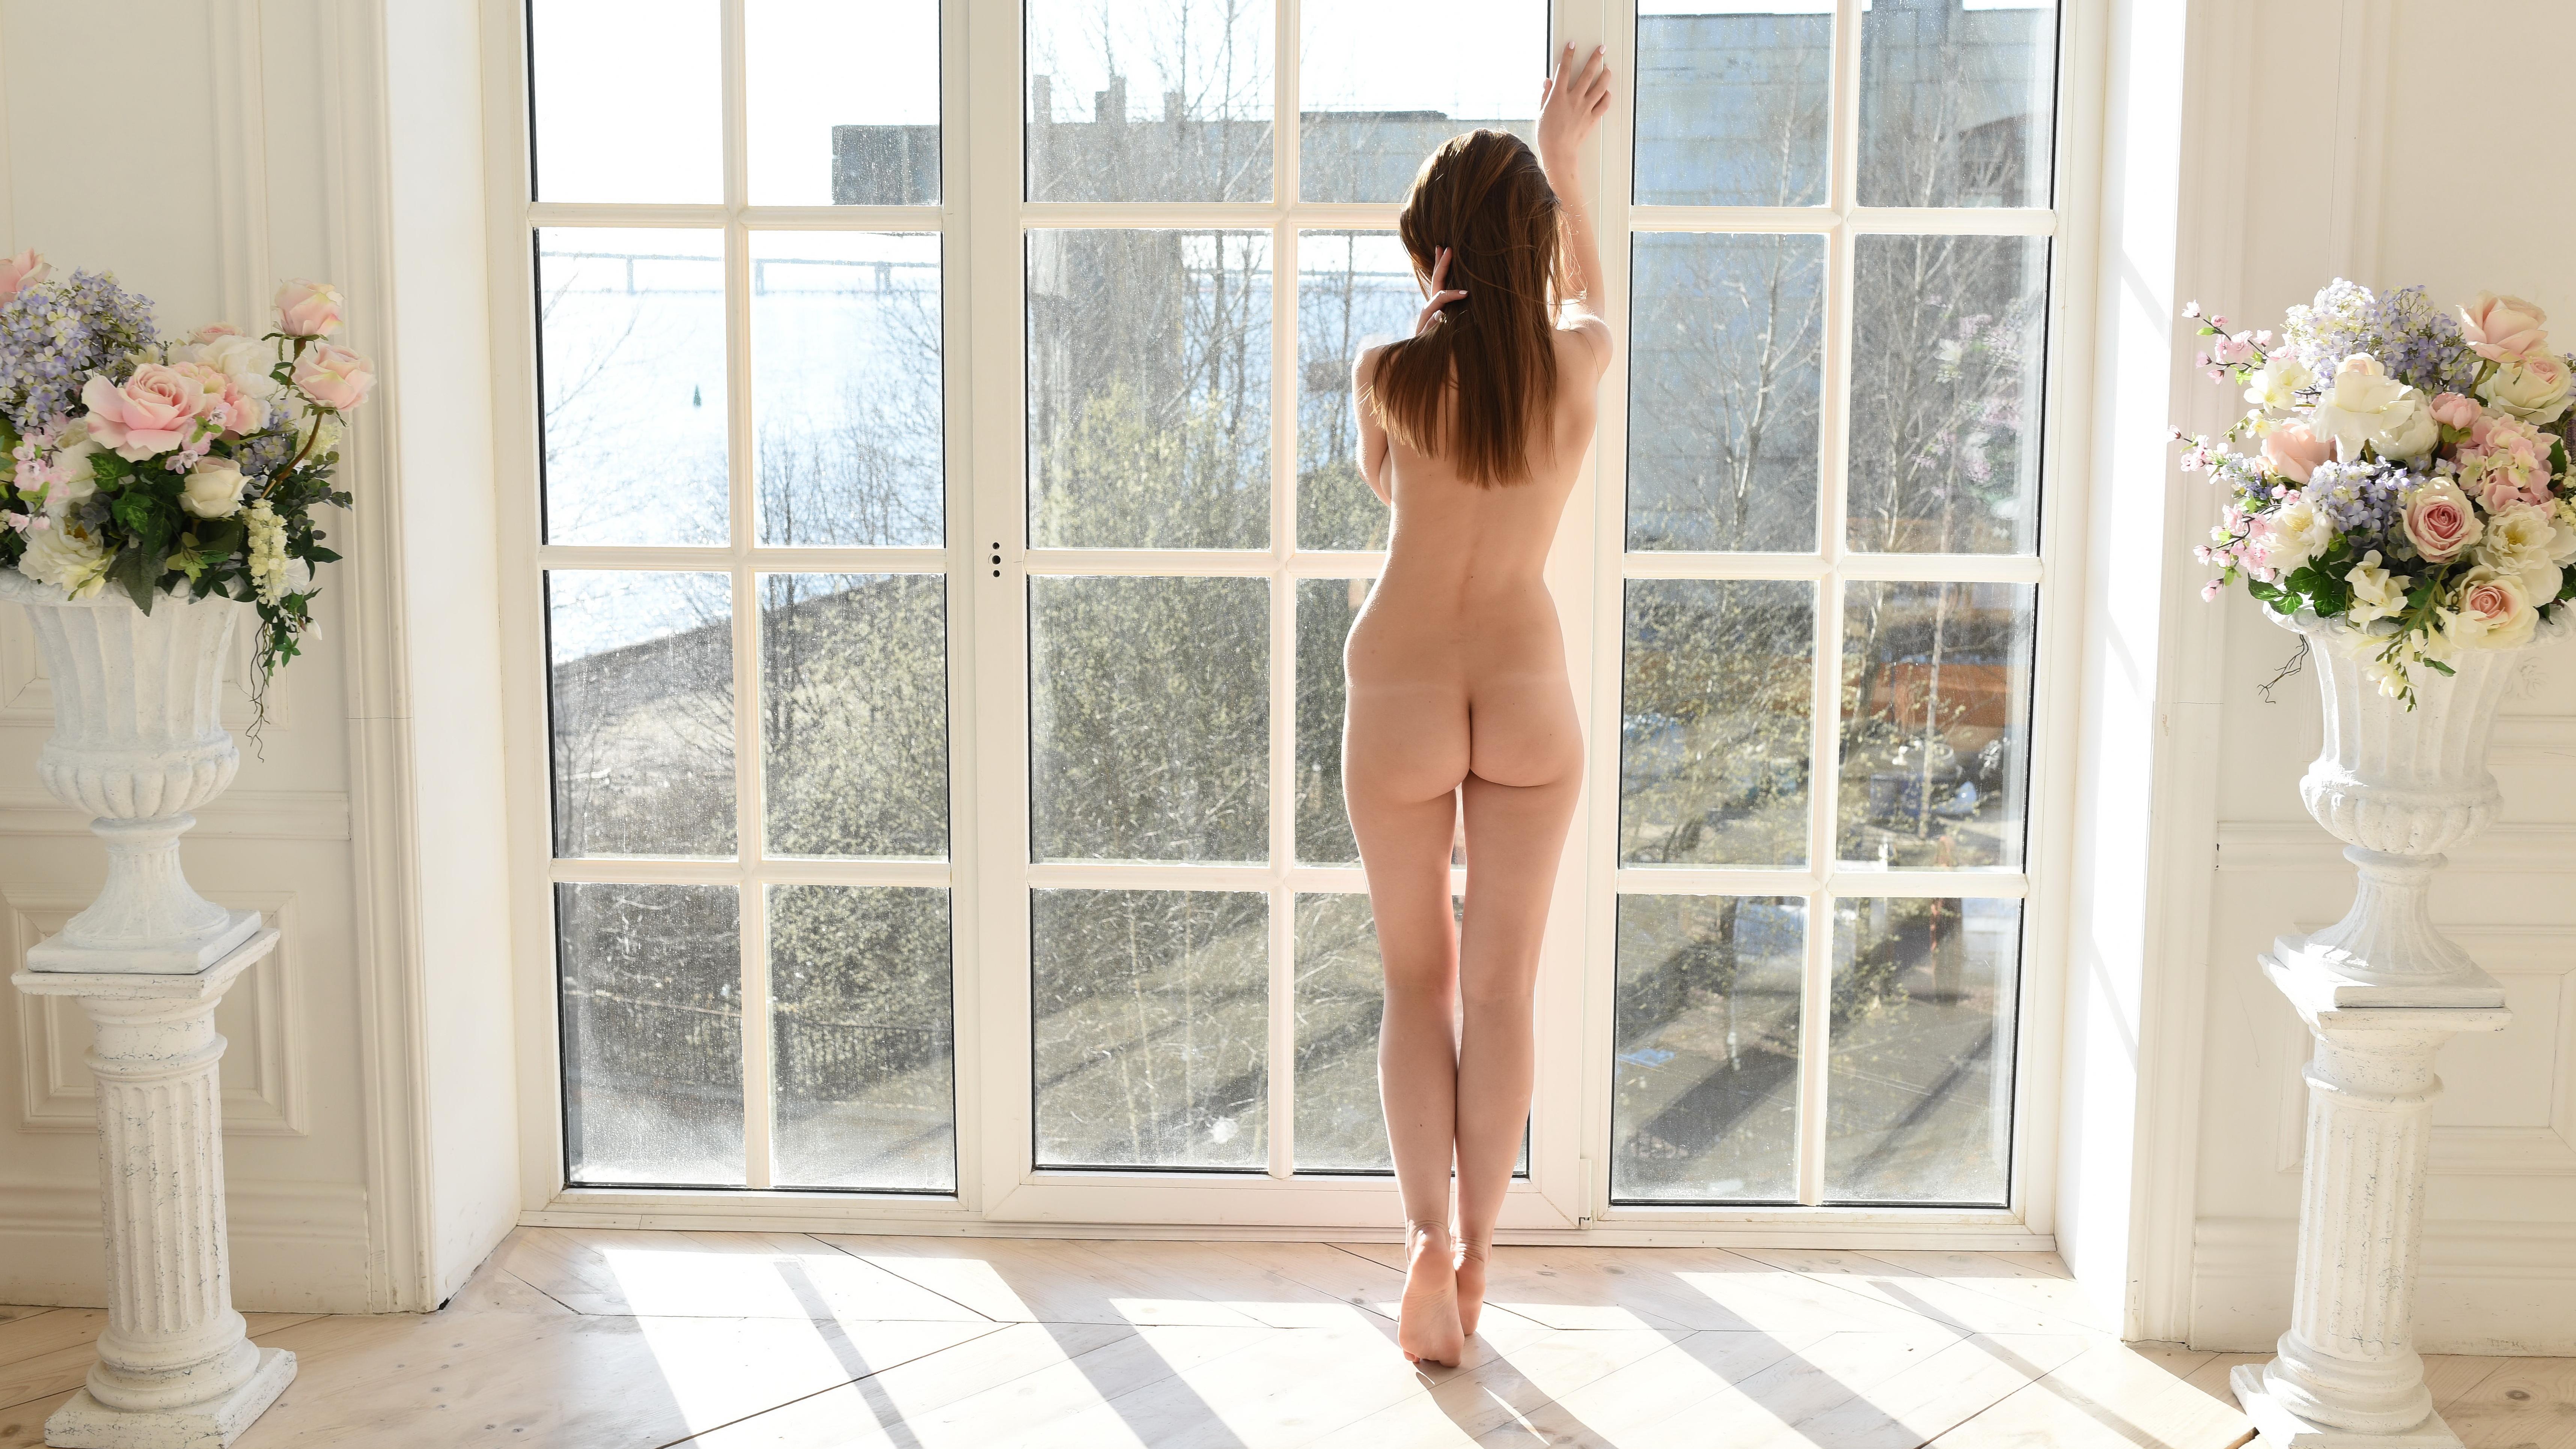 windows-naked